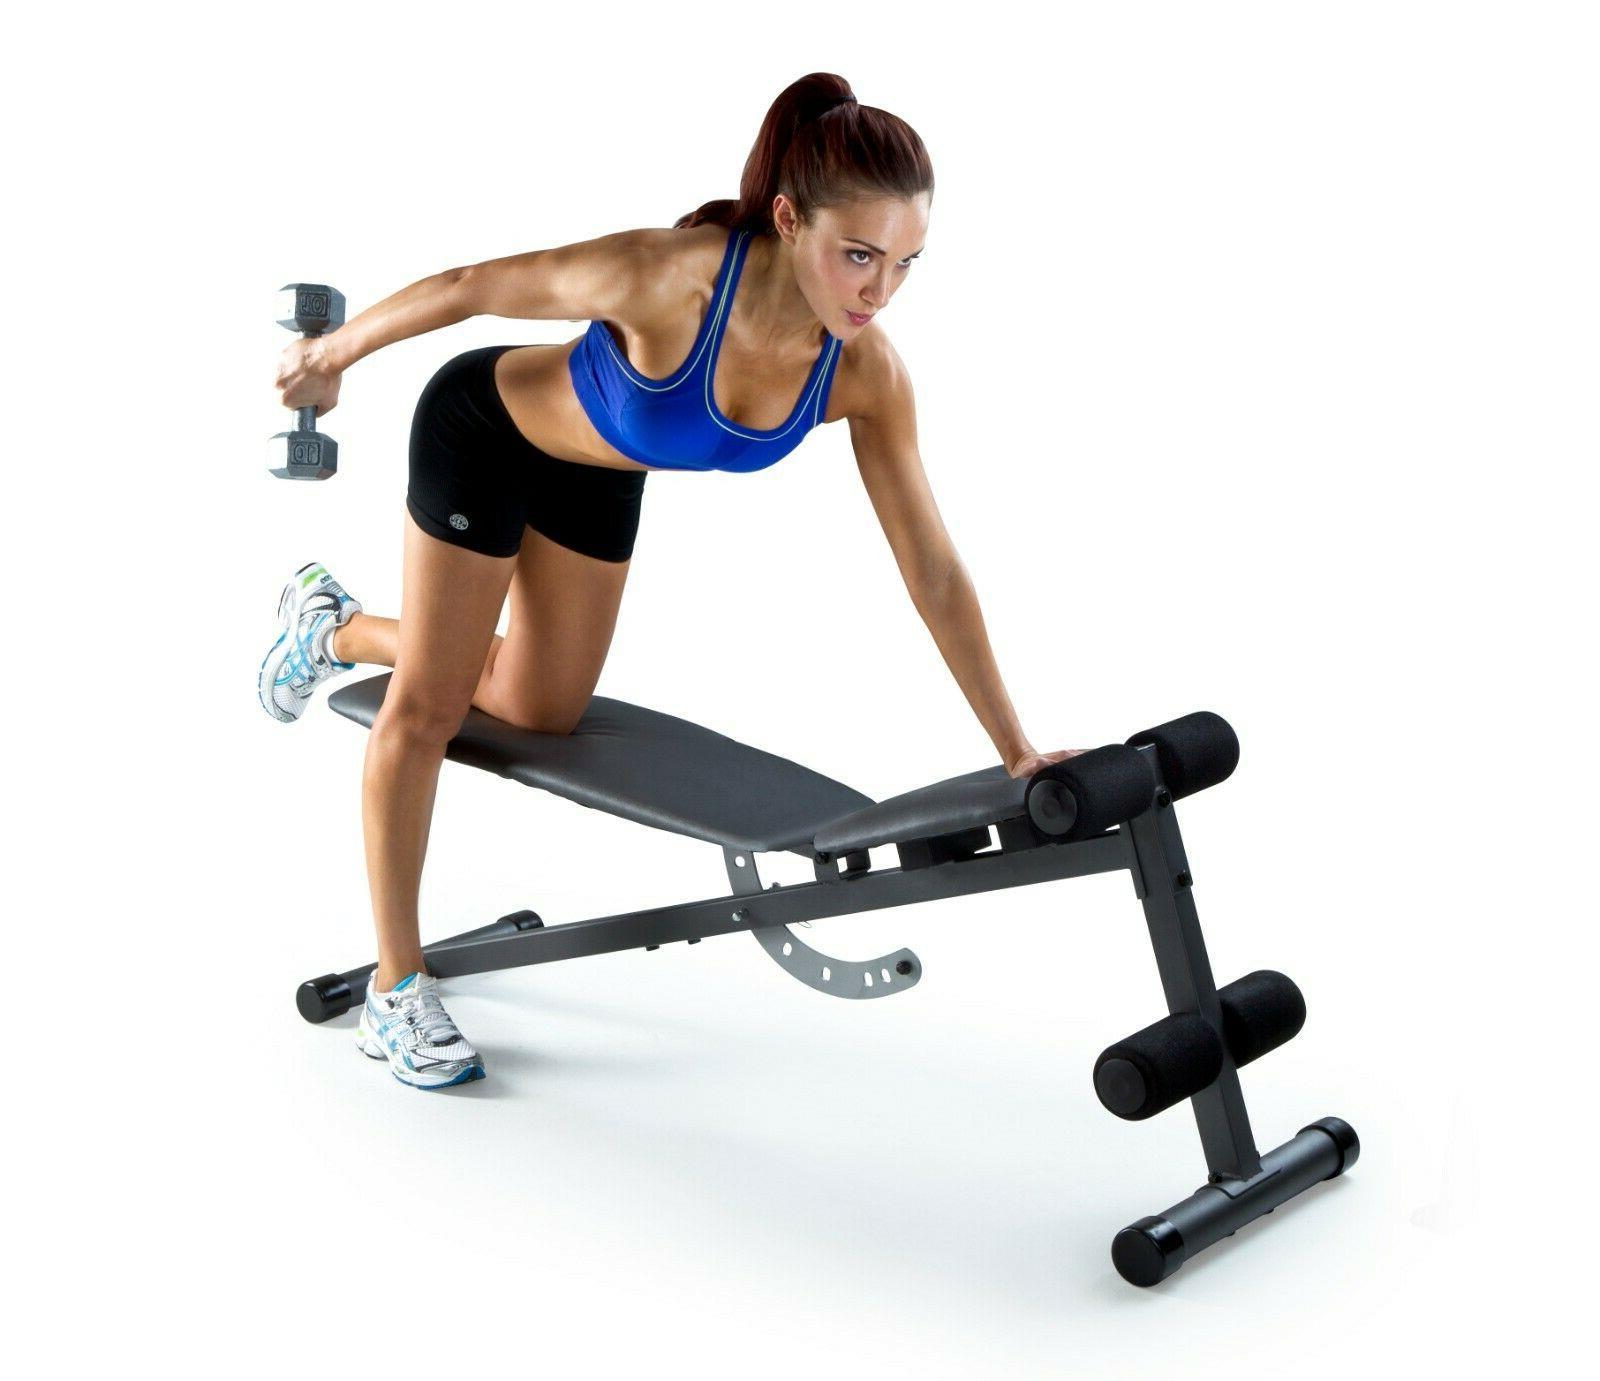 xr 5 9 adjustable slant workout bench